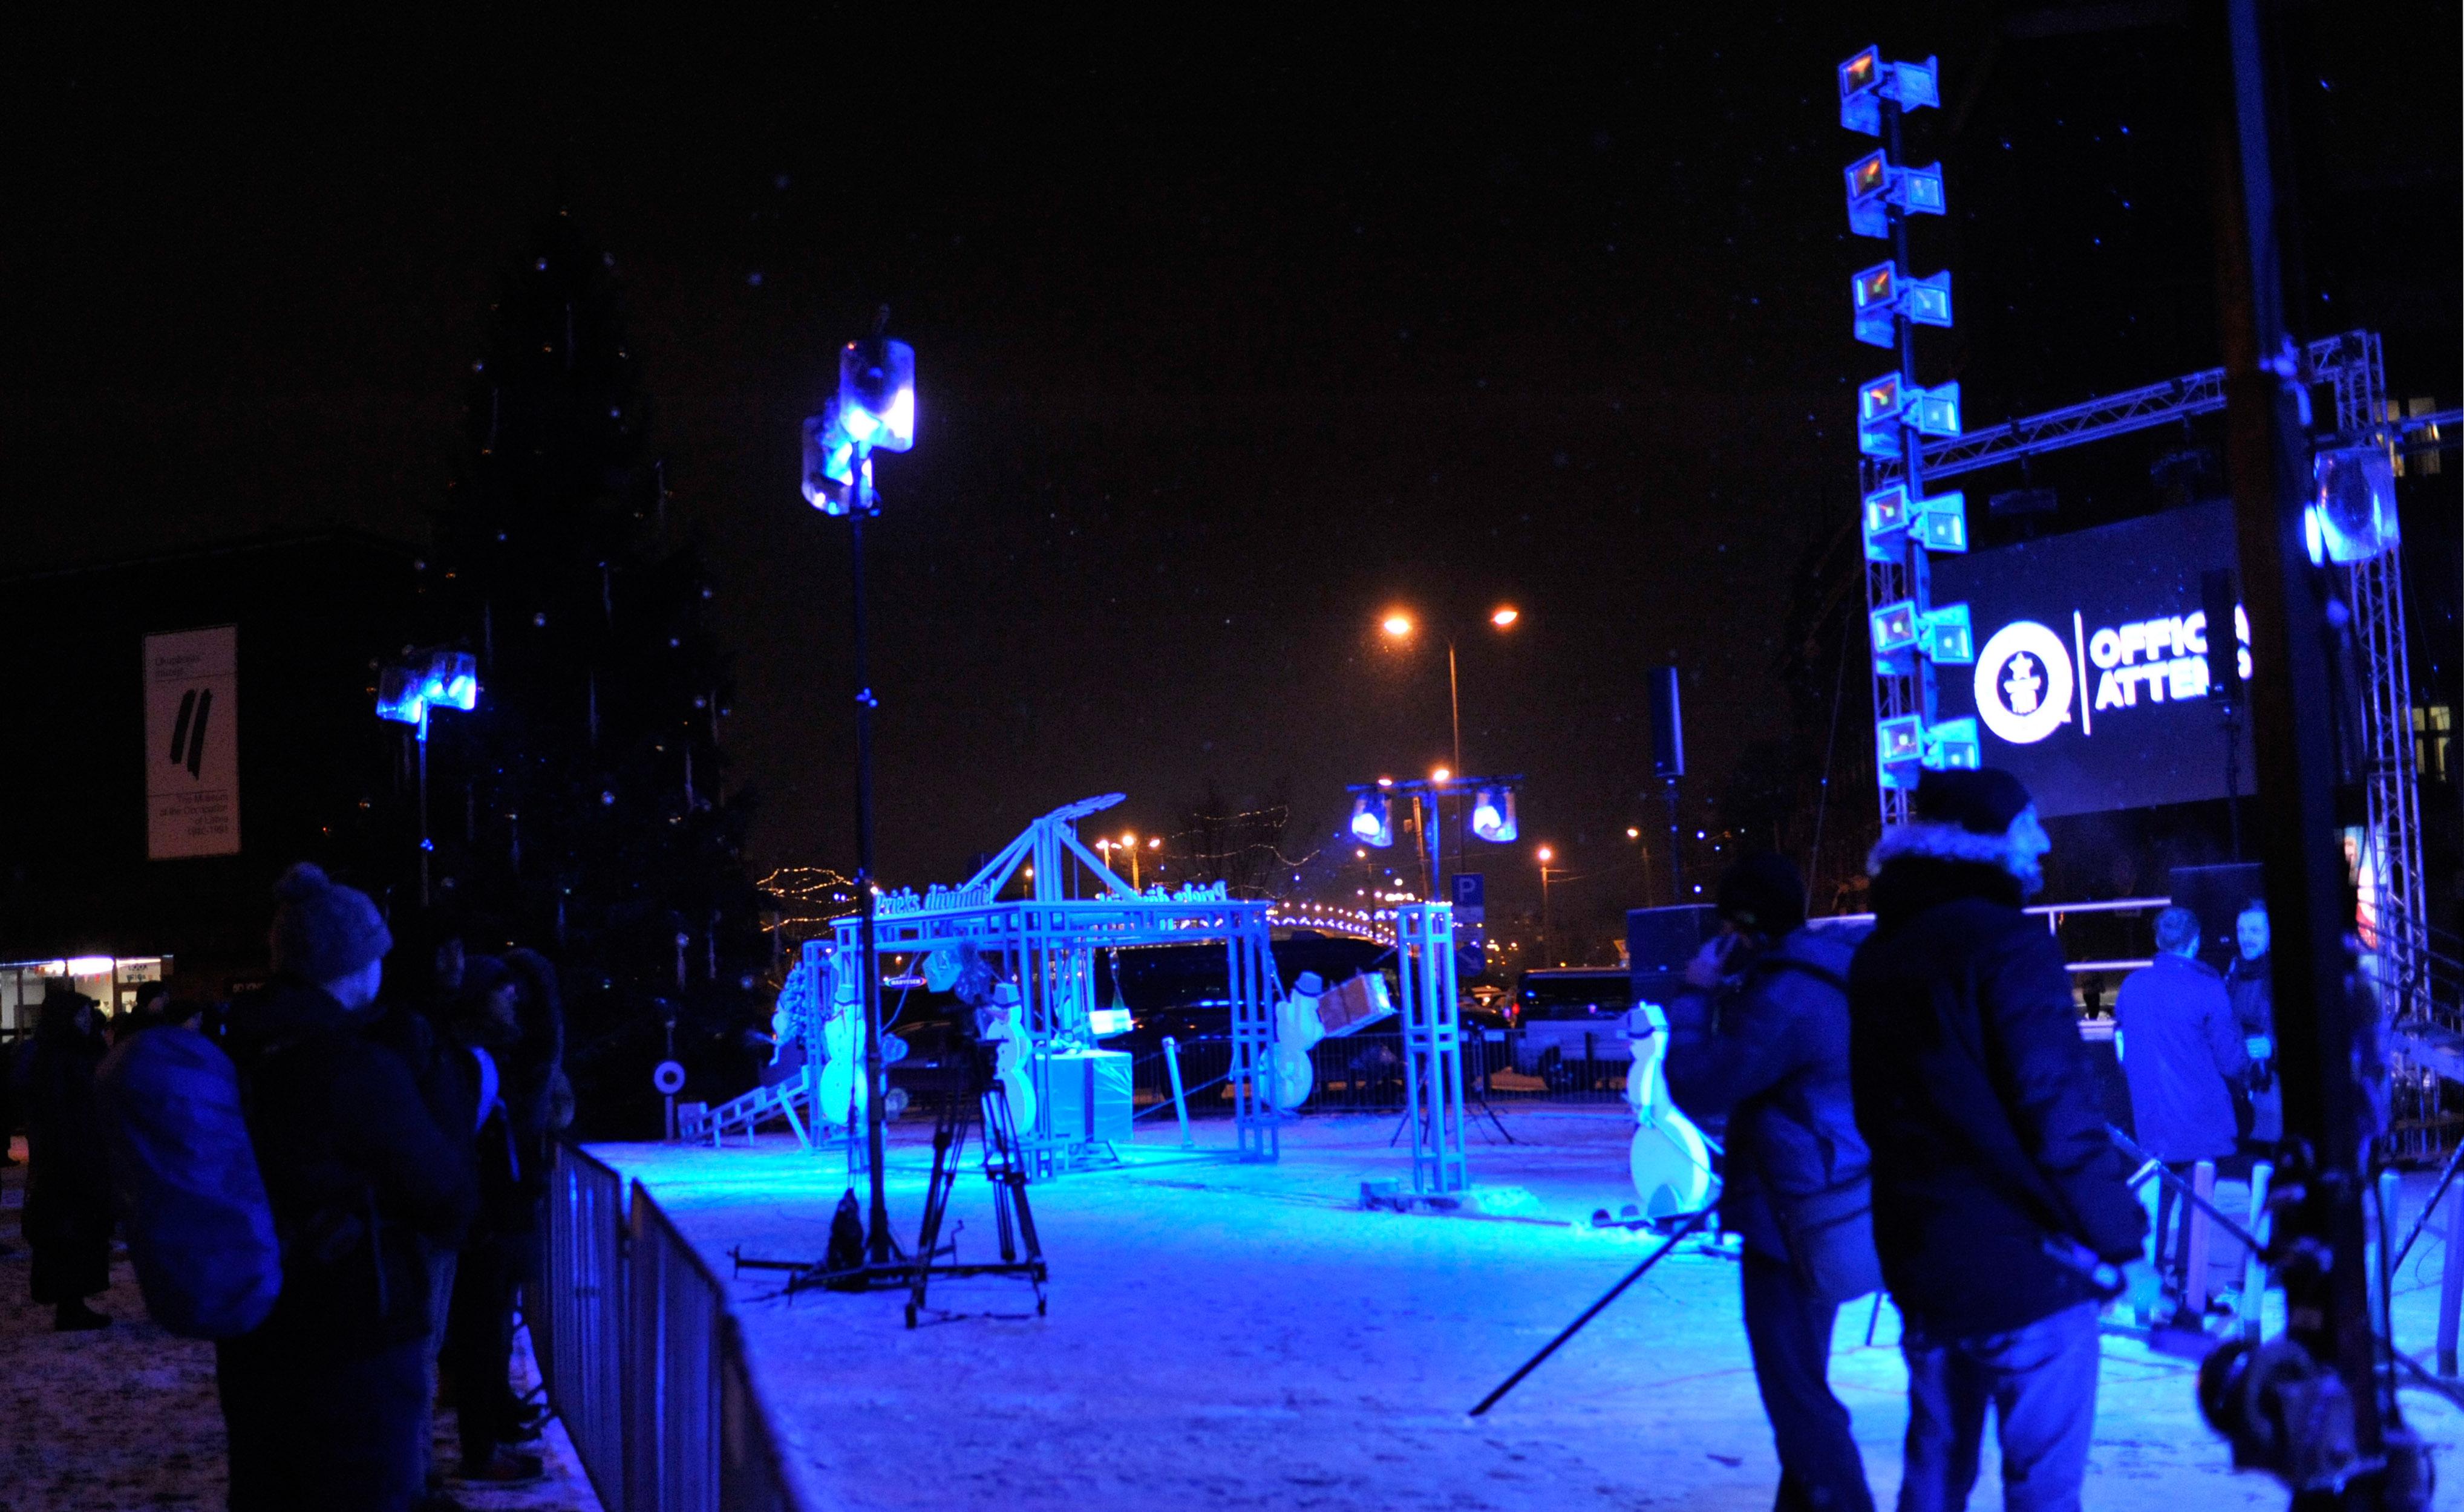 在拉脱维亚首都里加市政厅广场,人们在静候点亮圣诞树冲击戈德堡吉尼斯纪录。(新华社记者郭群摄)